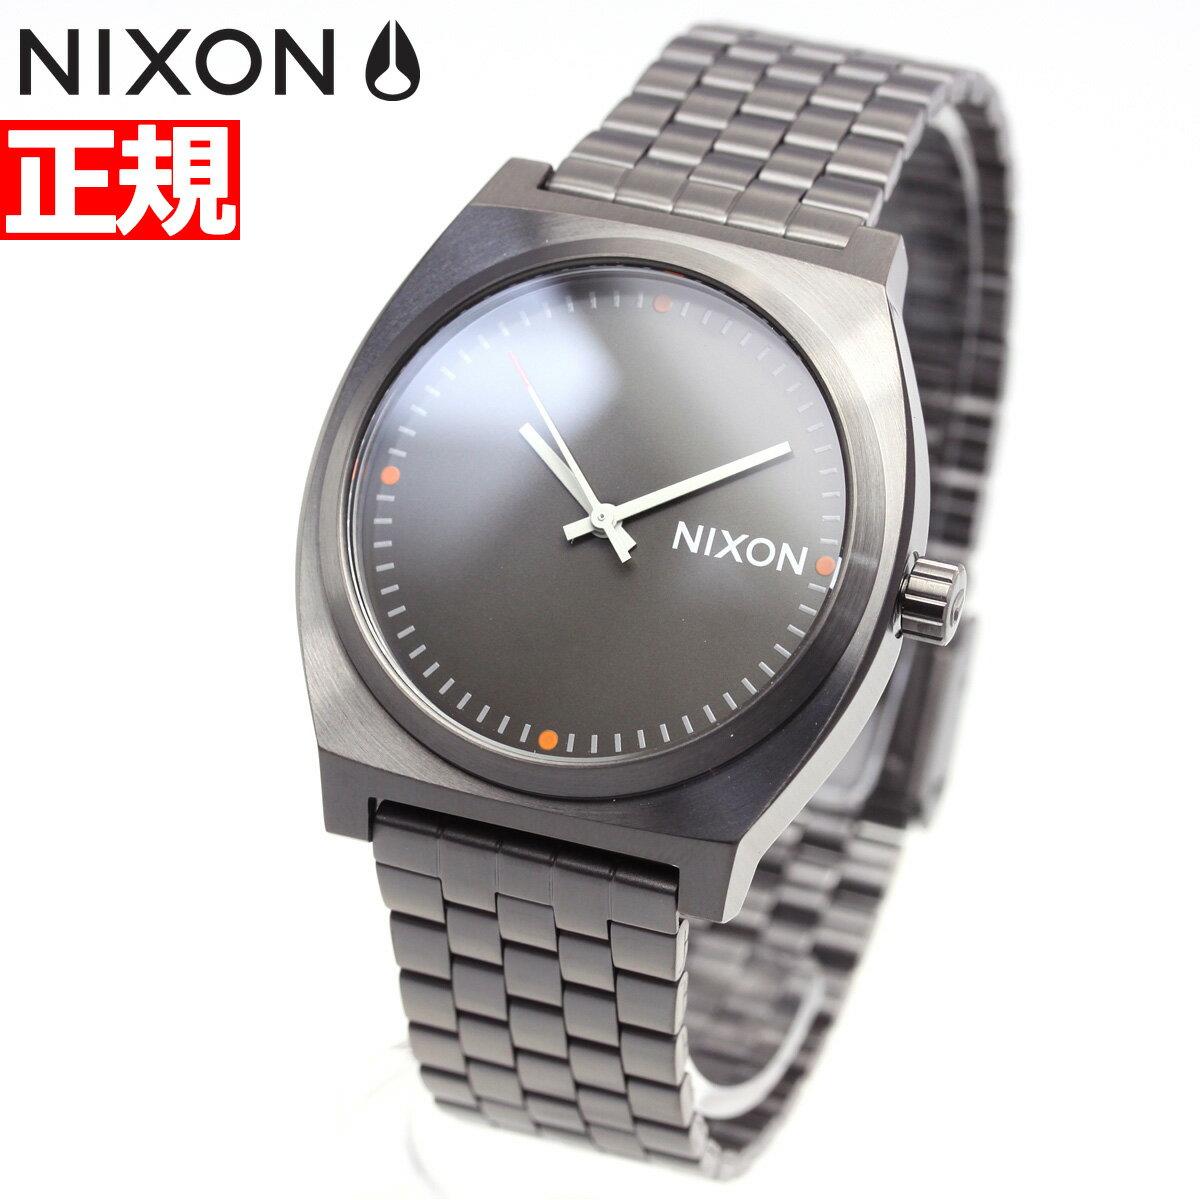 ニクソン NIXON タイムテラー TIME TELLER 腕時計 メンズ レディース オールガンメタル/スレート/オレンジ NA0452947-00【2018 新作】